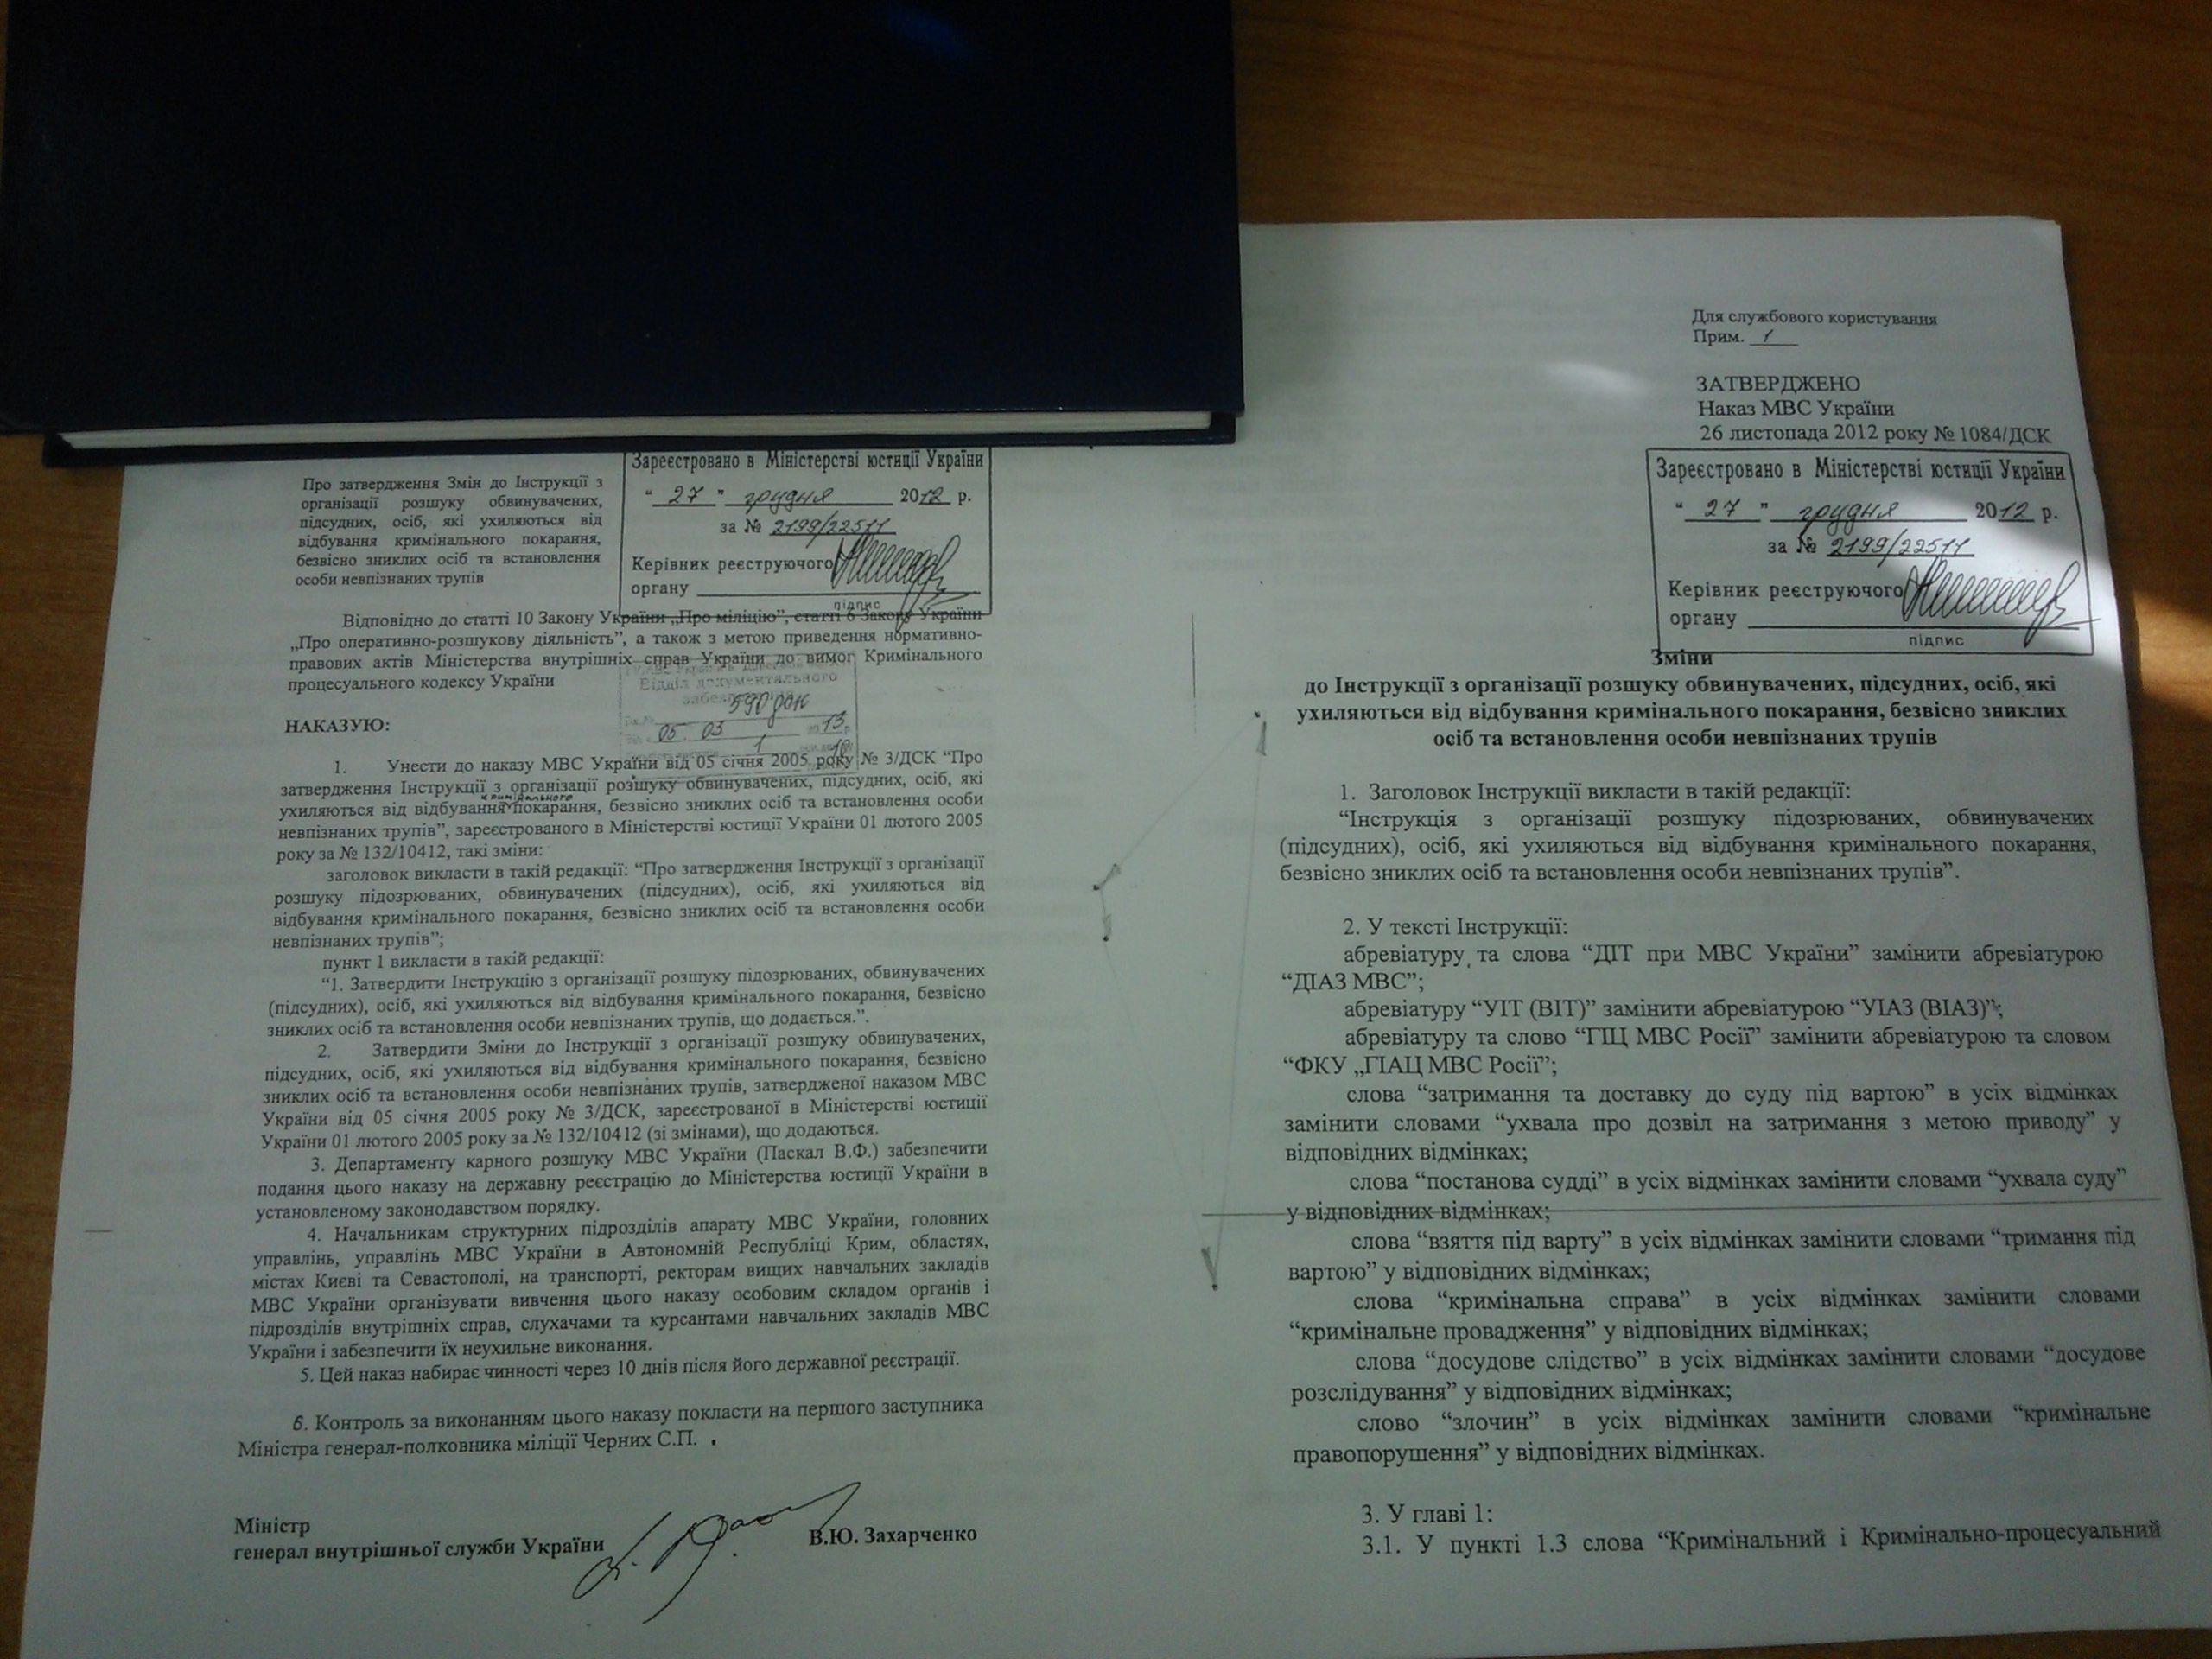 Звернення до ДБР із заявою про скоєння злочину посадовцями МВС